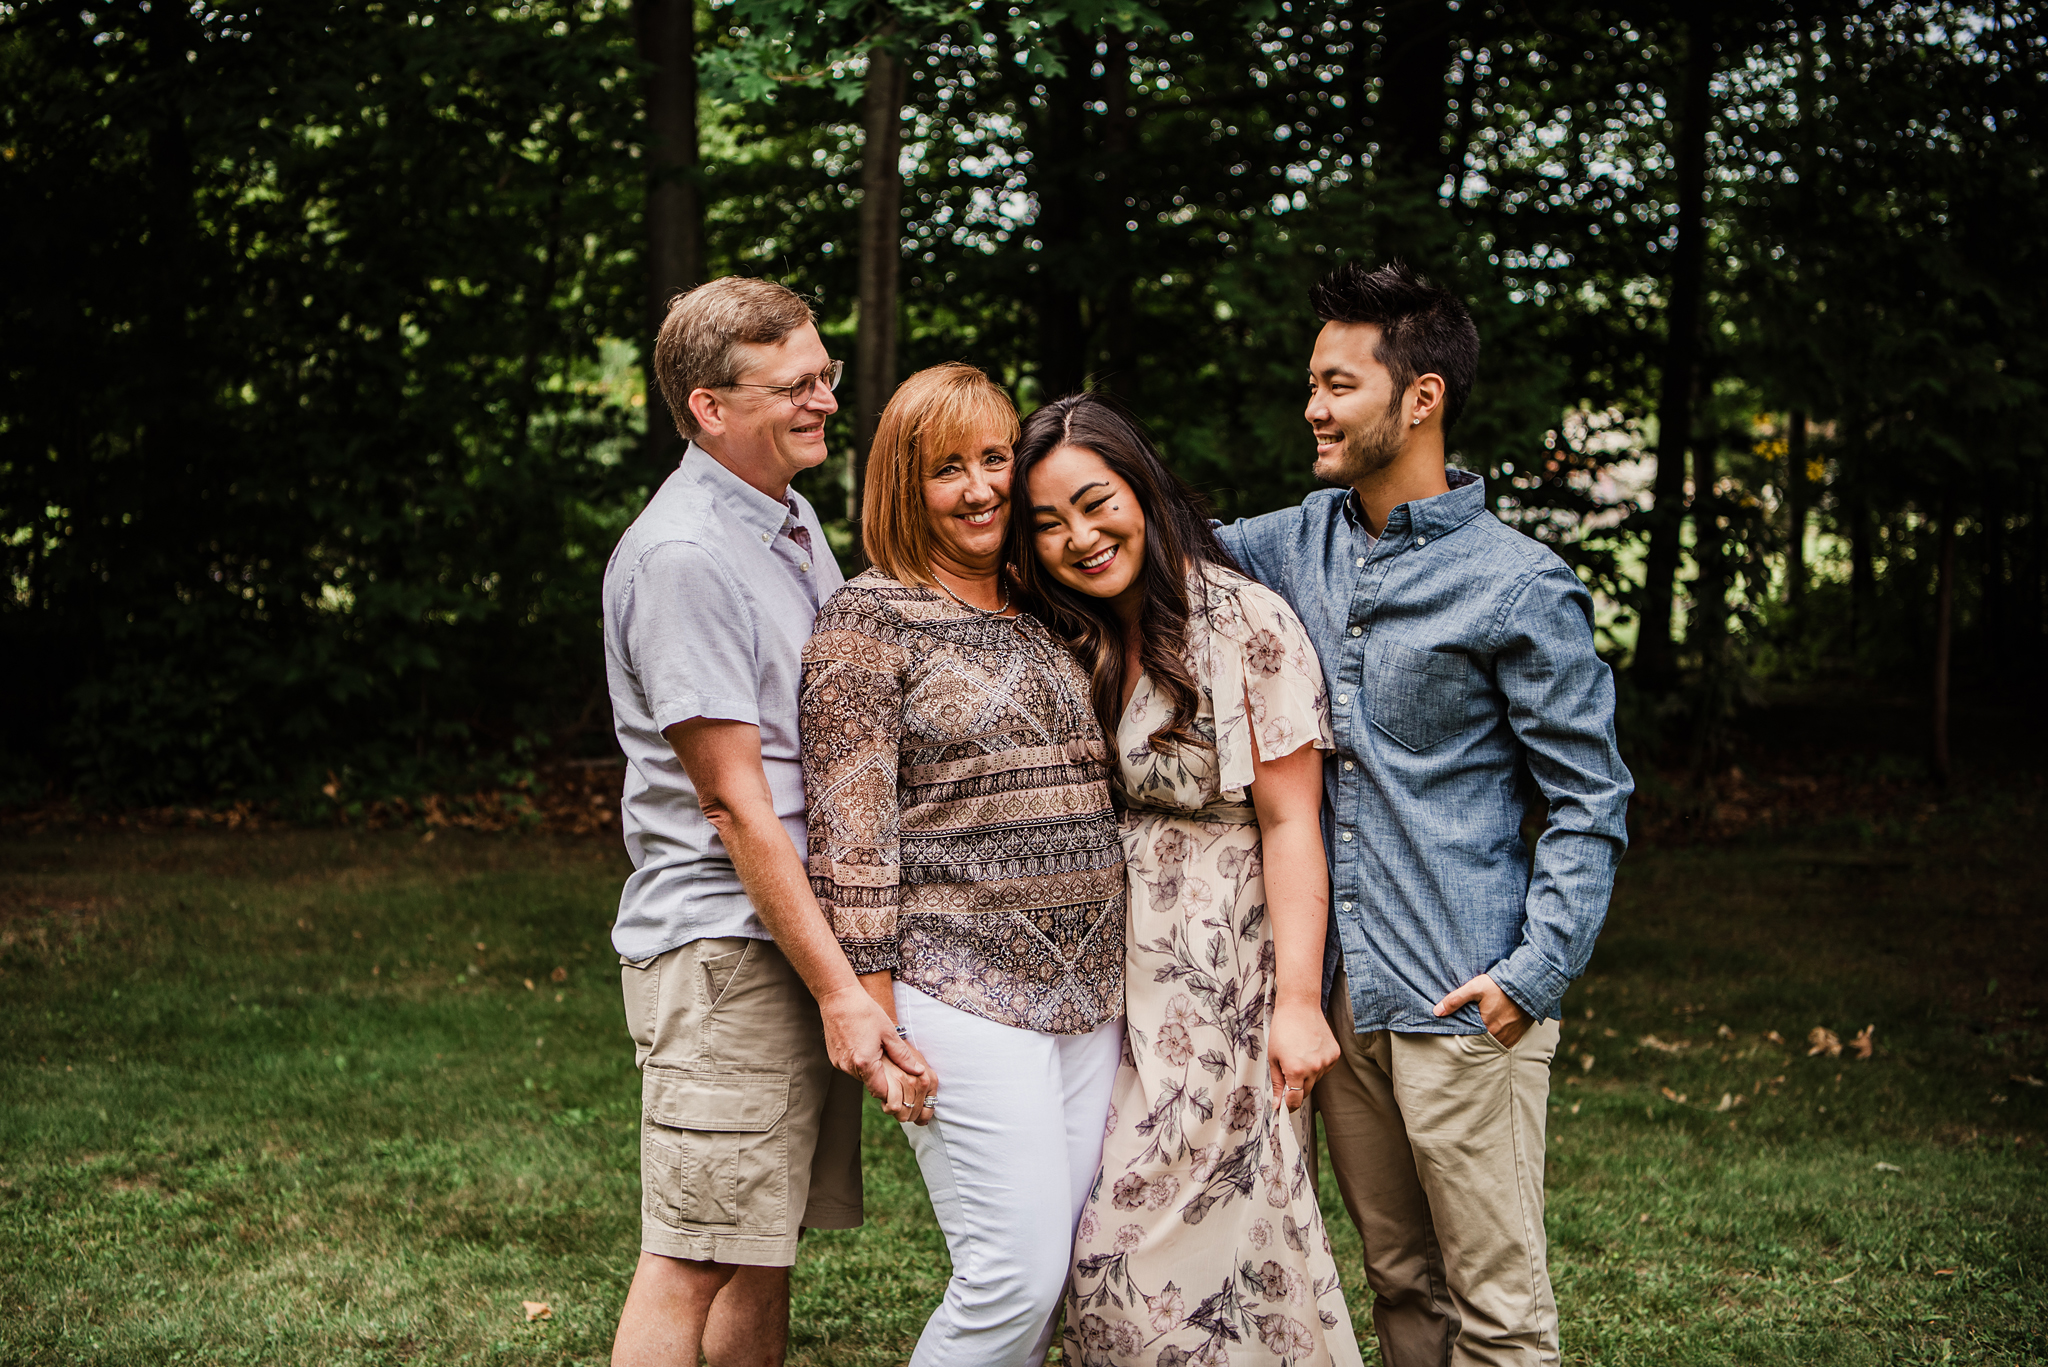 Our_Family_2019_Rochester_Family_Session_JILL_STUDIO_Rochester_NY_Photographer_DSC_5220.jpg